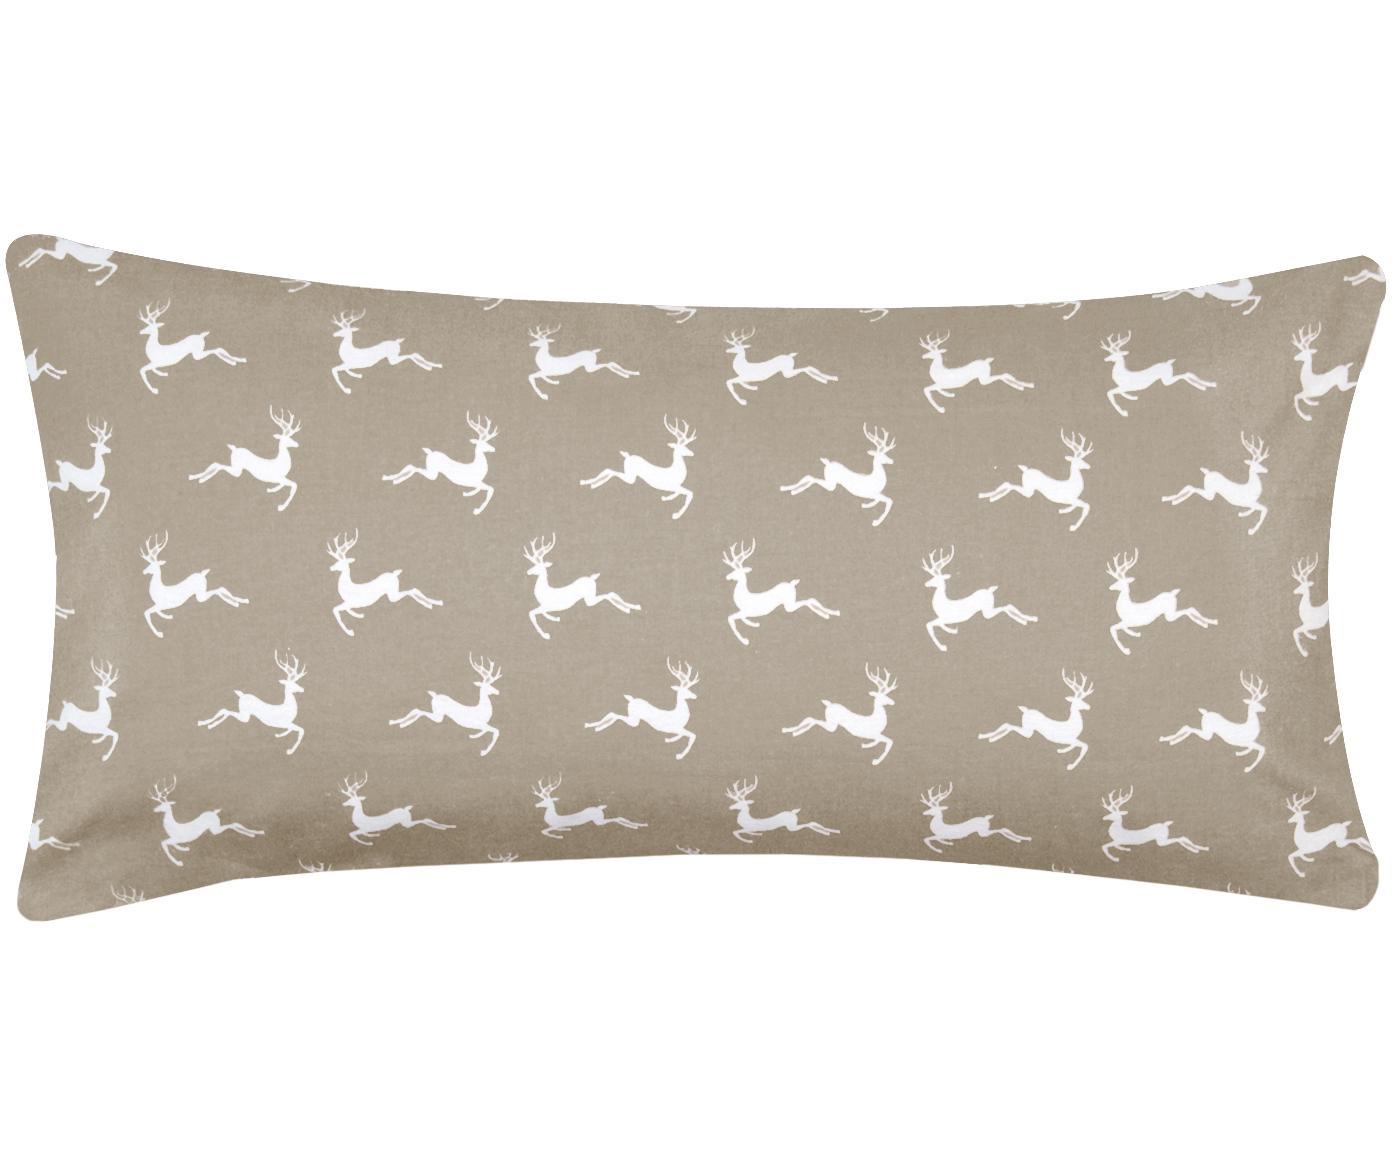 Flanell-Kissenbezüge Rudolph mit Rentieren, 2 Stück, Webart: Flanell Flanell ist ein s, Beige, Weiß, 40 x 80 cm